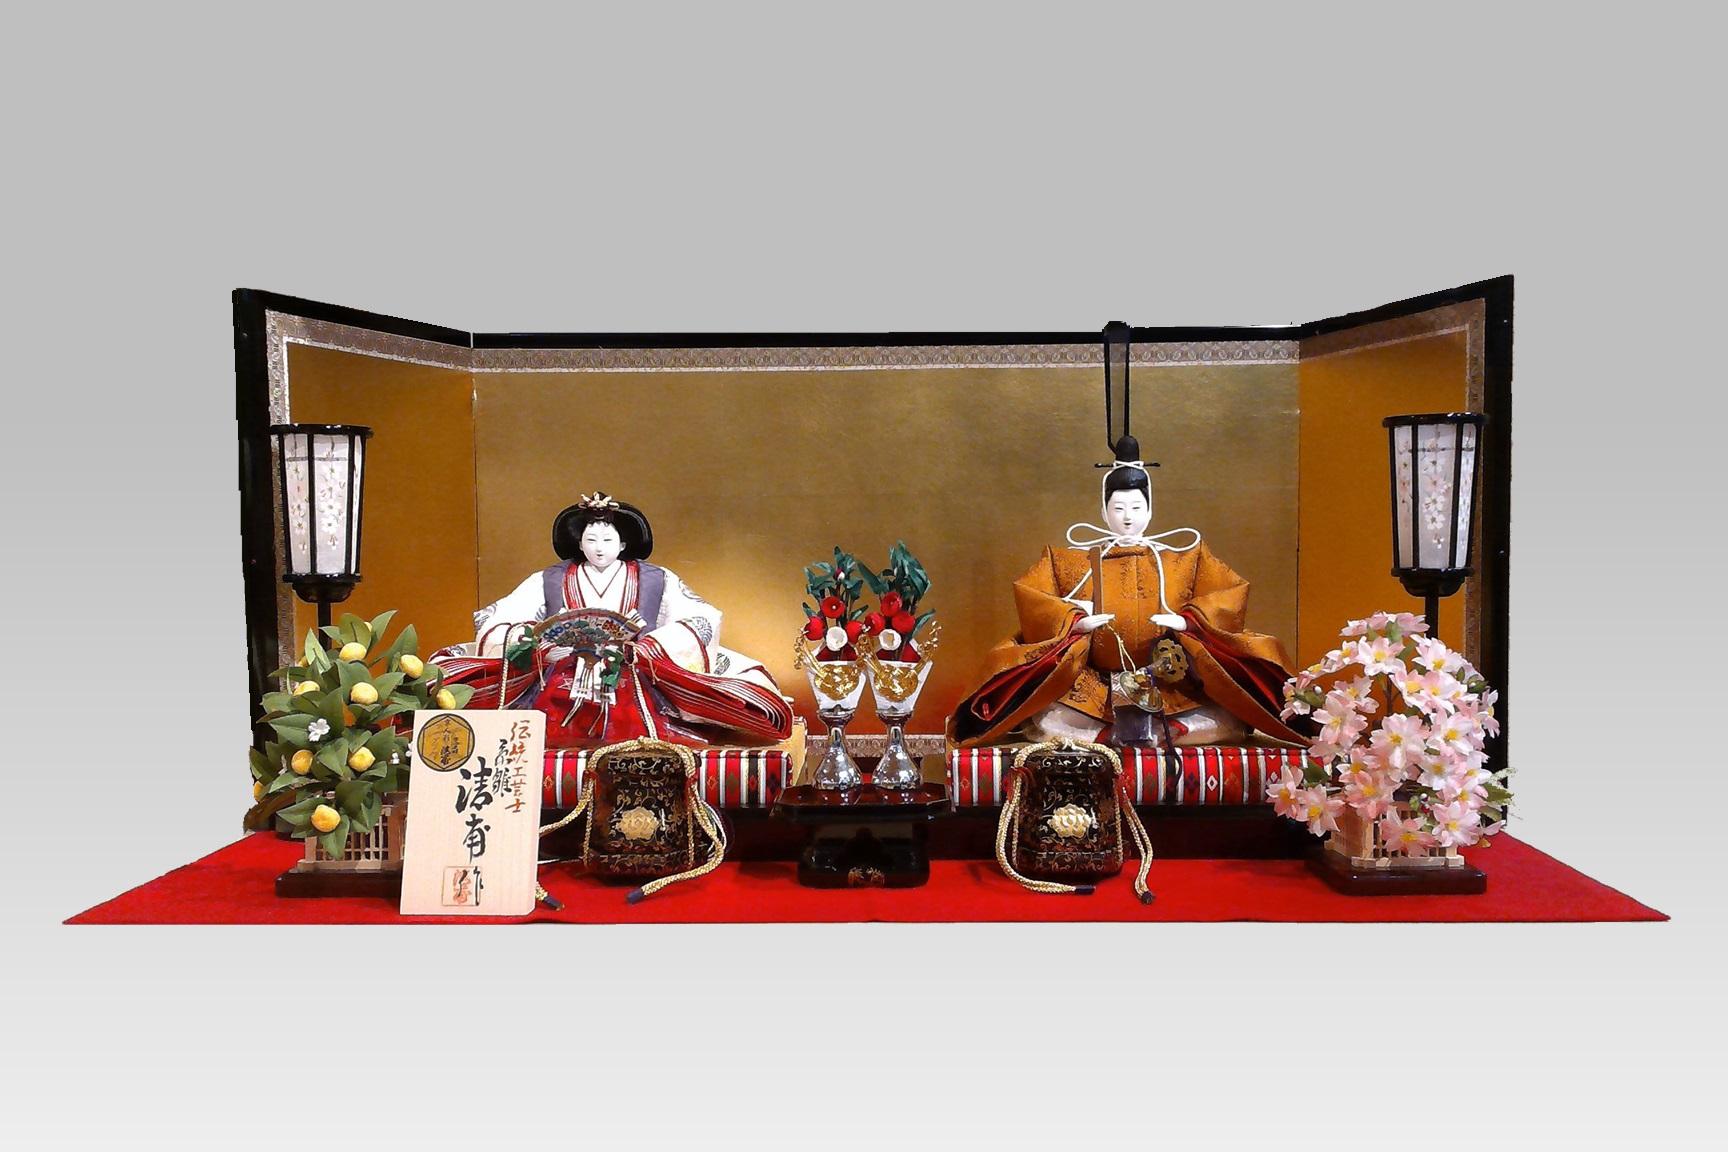 雛人形(ひな人形)親王飾りの写真を更新しました。